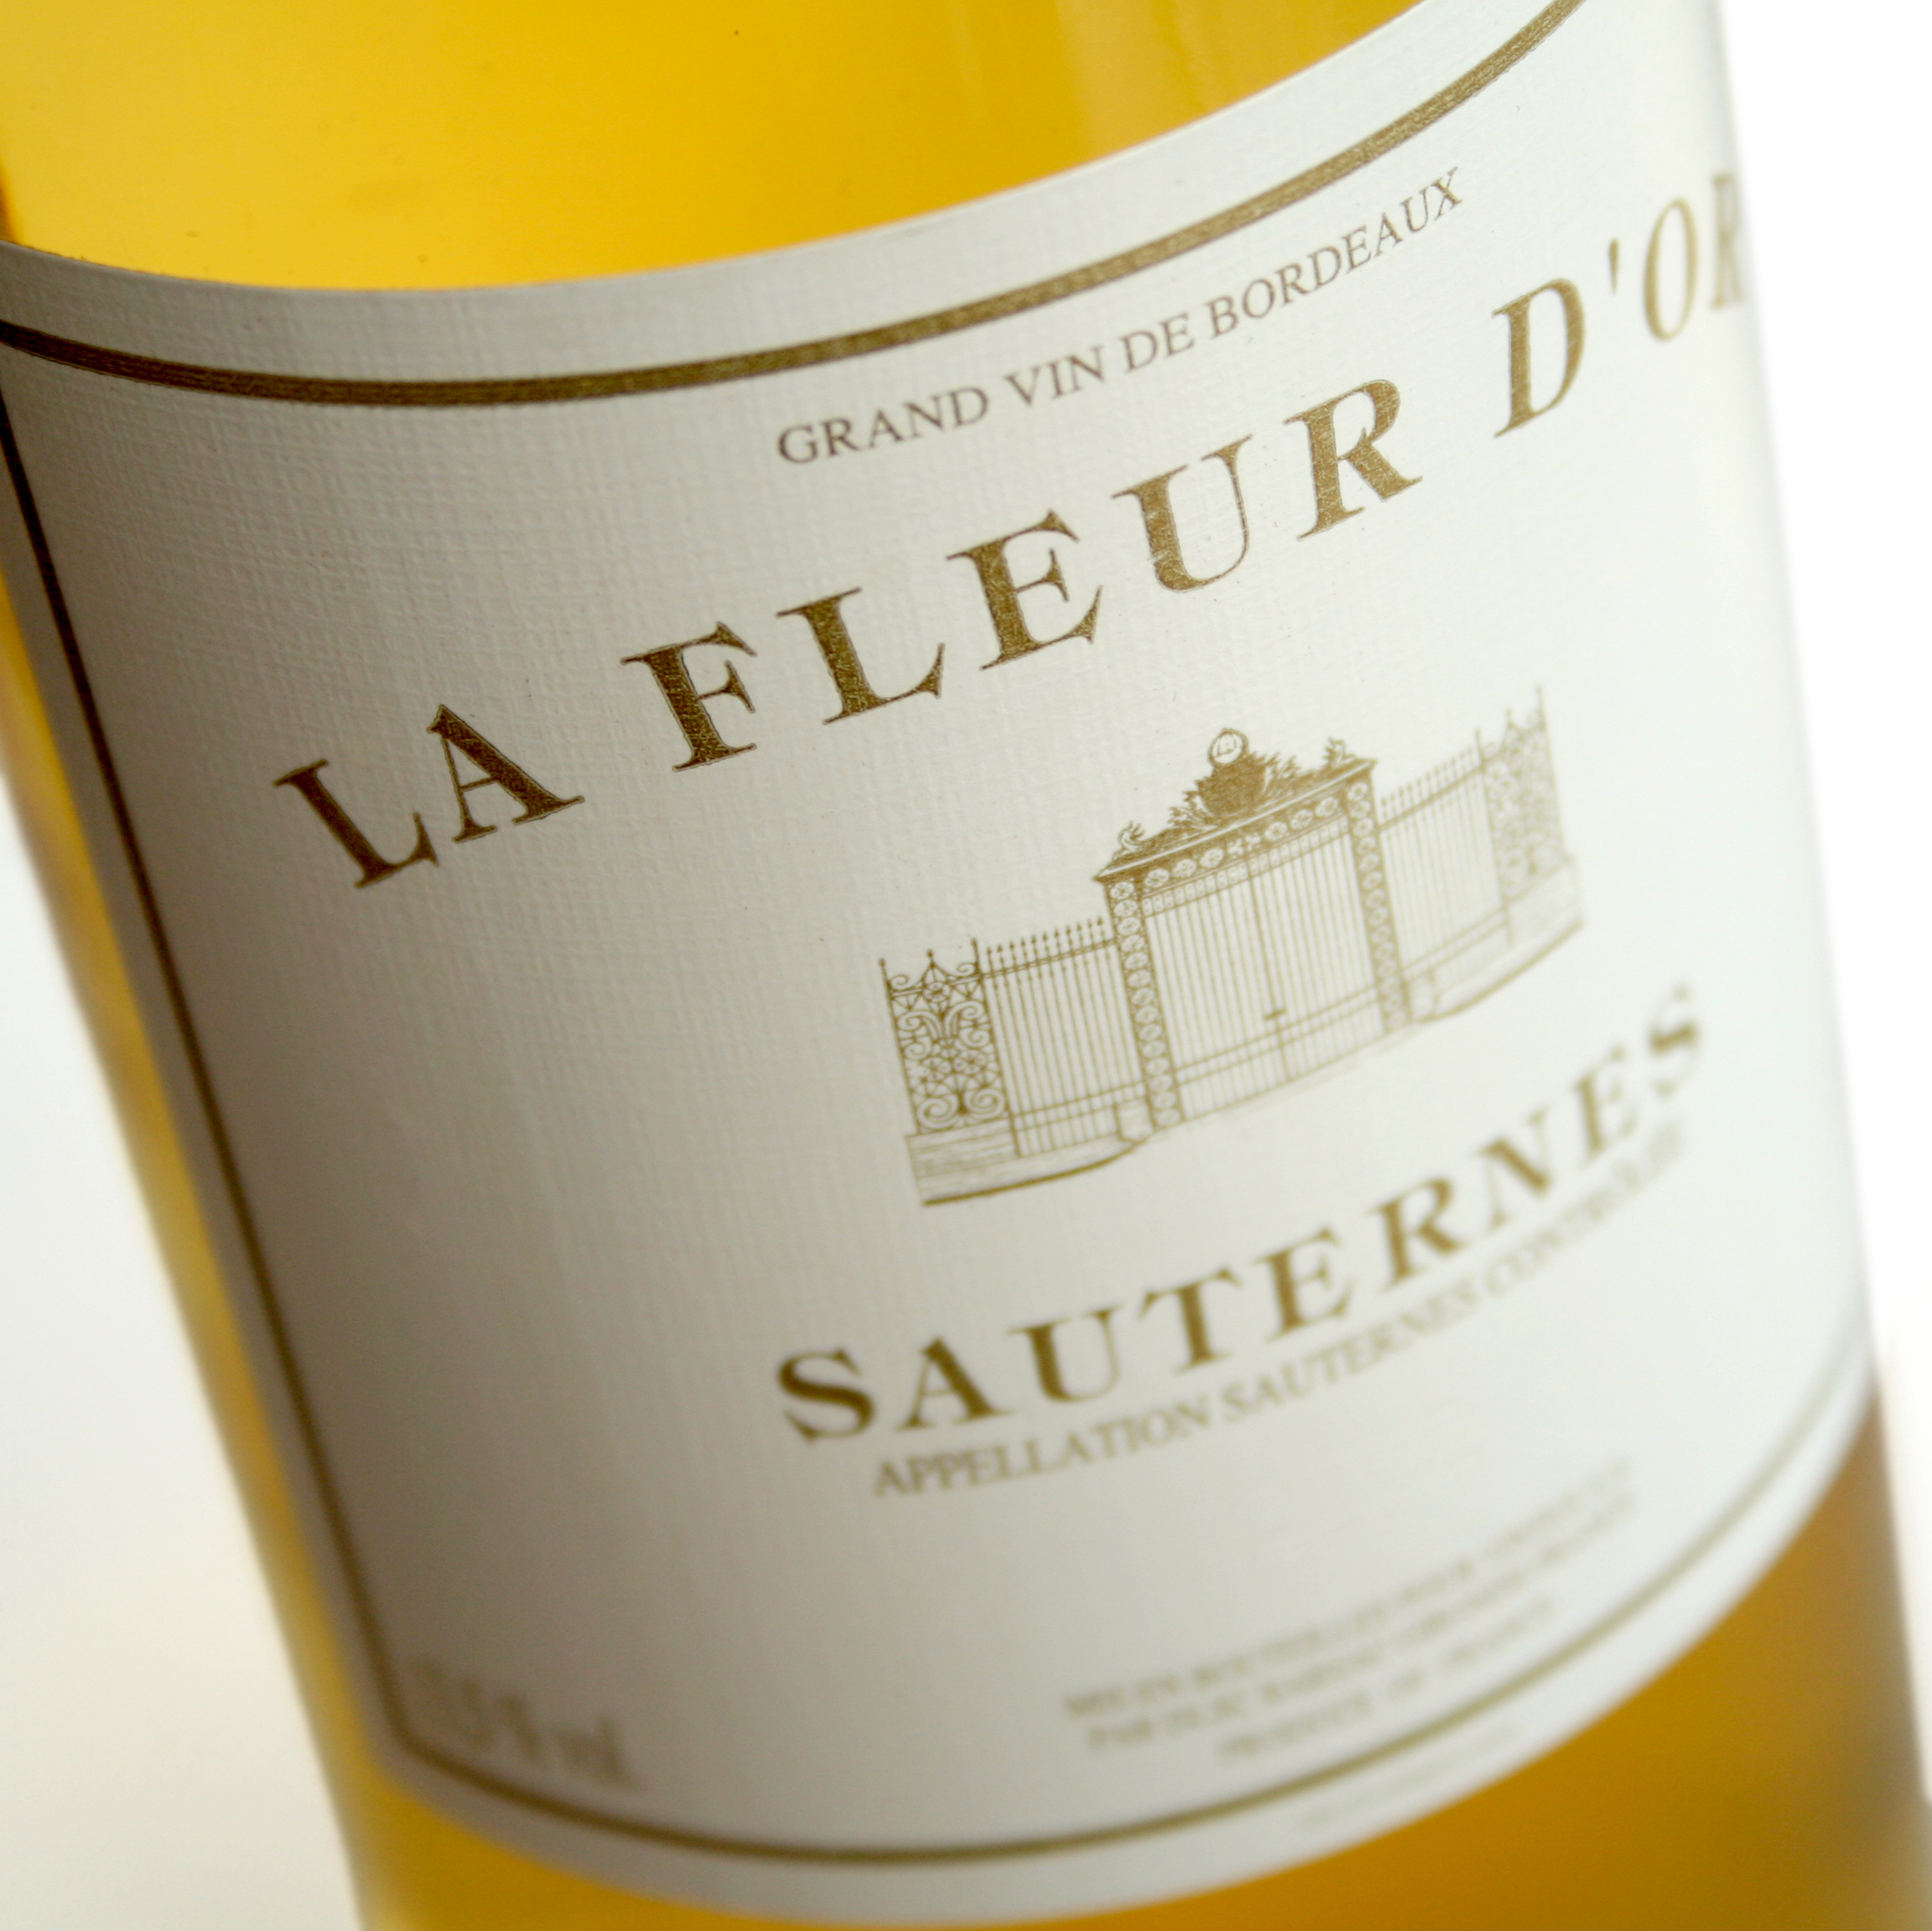 La Fleur d'Or Sauternes - Di Vine Cellars